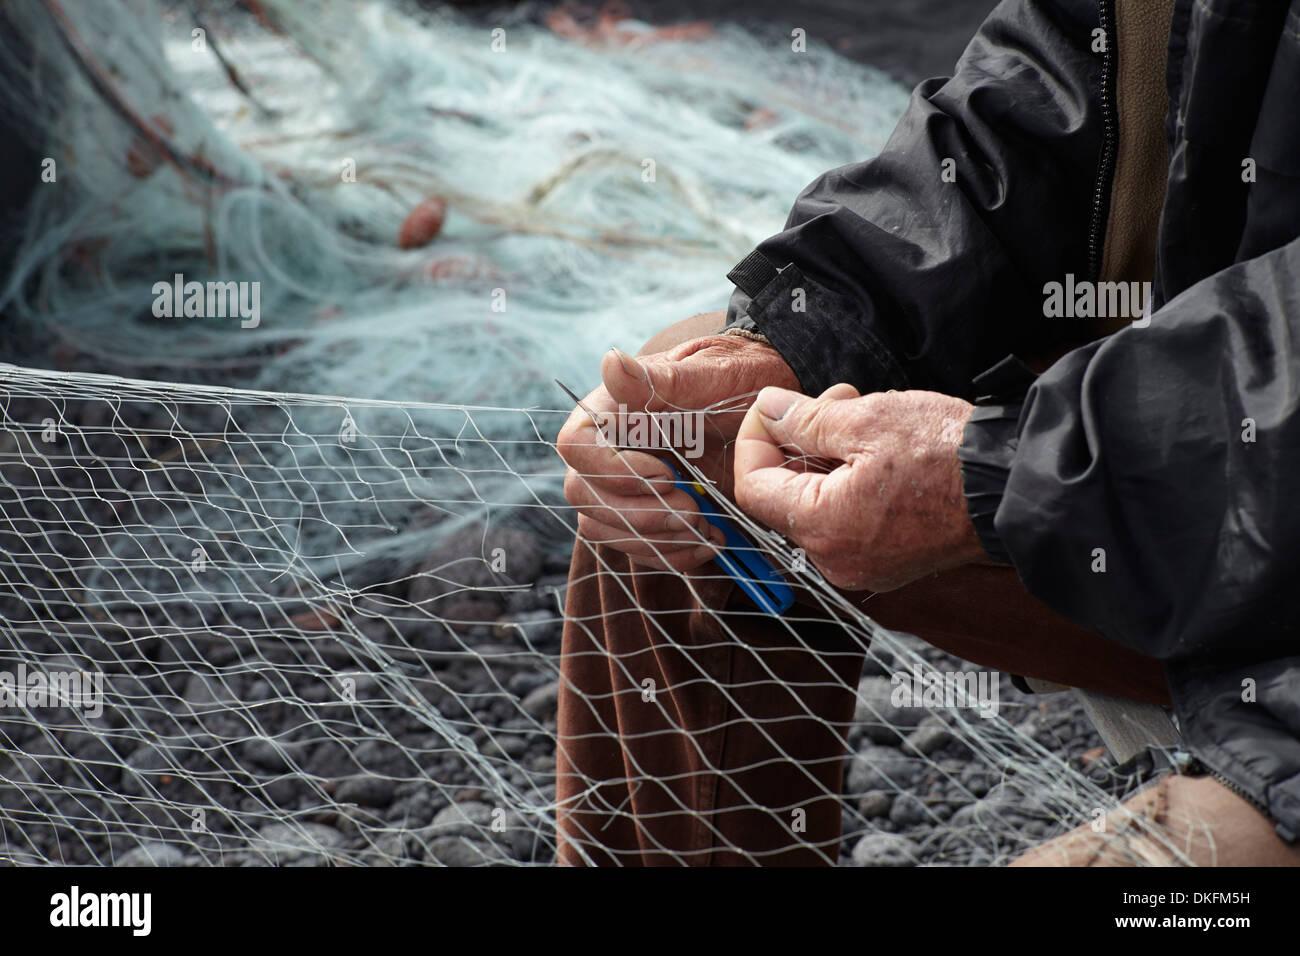 Fisherman repairing net on pebble beach - Stock Image